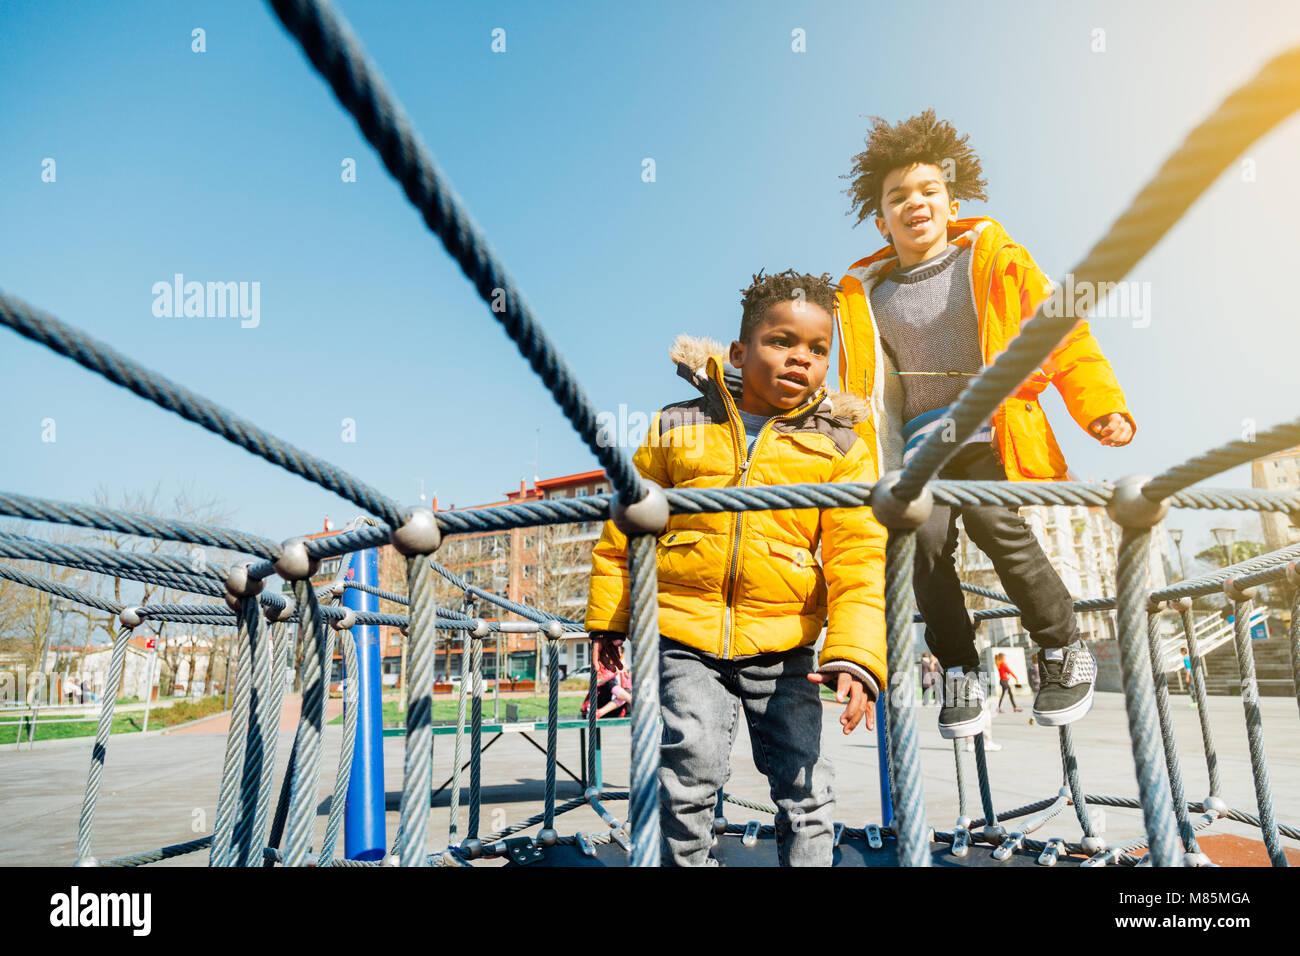 Zwei Kinder mit gelben Mänteln springen auf elastischen Bett in einem Spielplatz an einem sonnigen Tag Stockbild